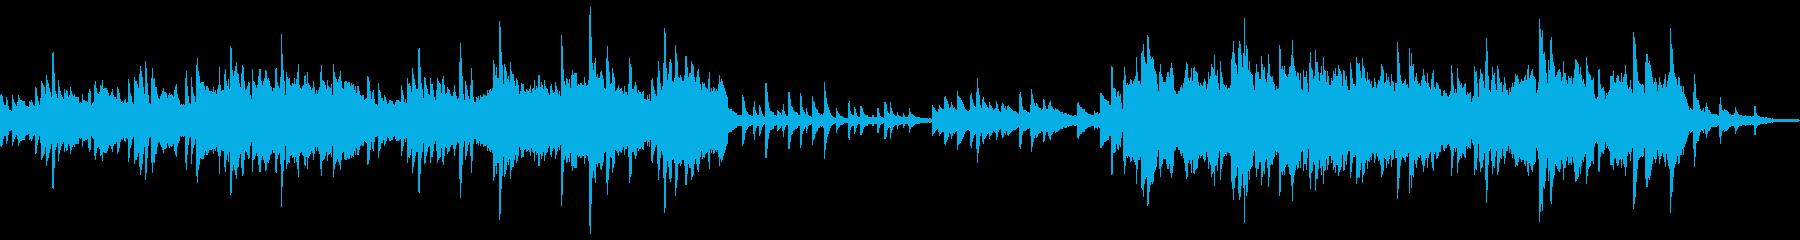 ほのぼの / 日常 / 日本感の再生済みの波形